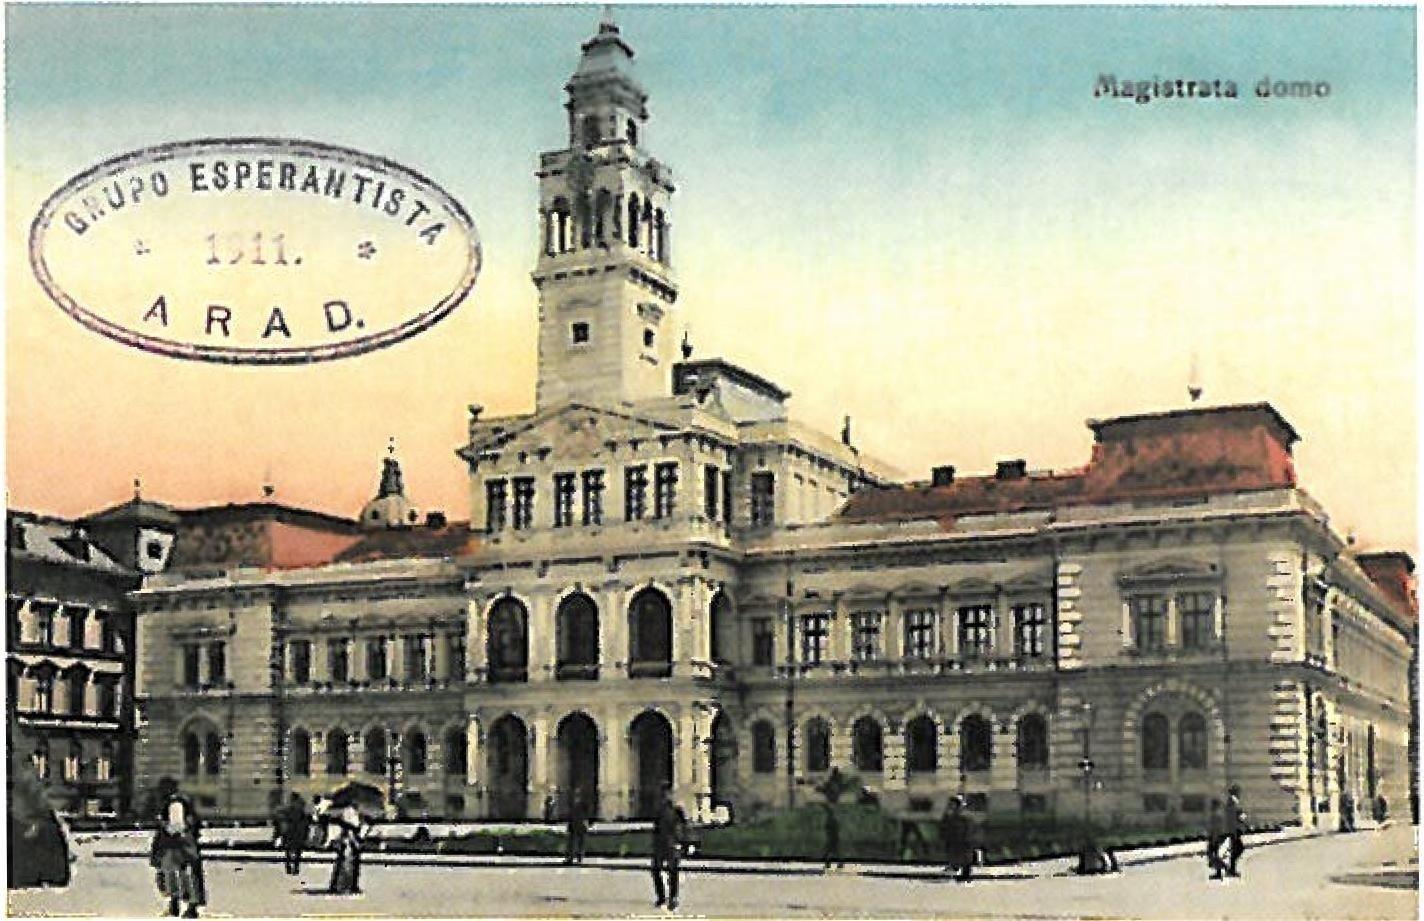 Aradi varoshaza 1911